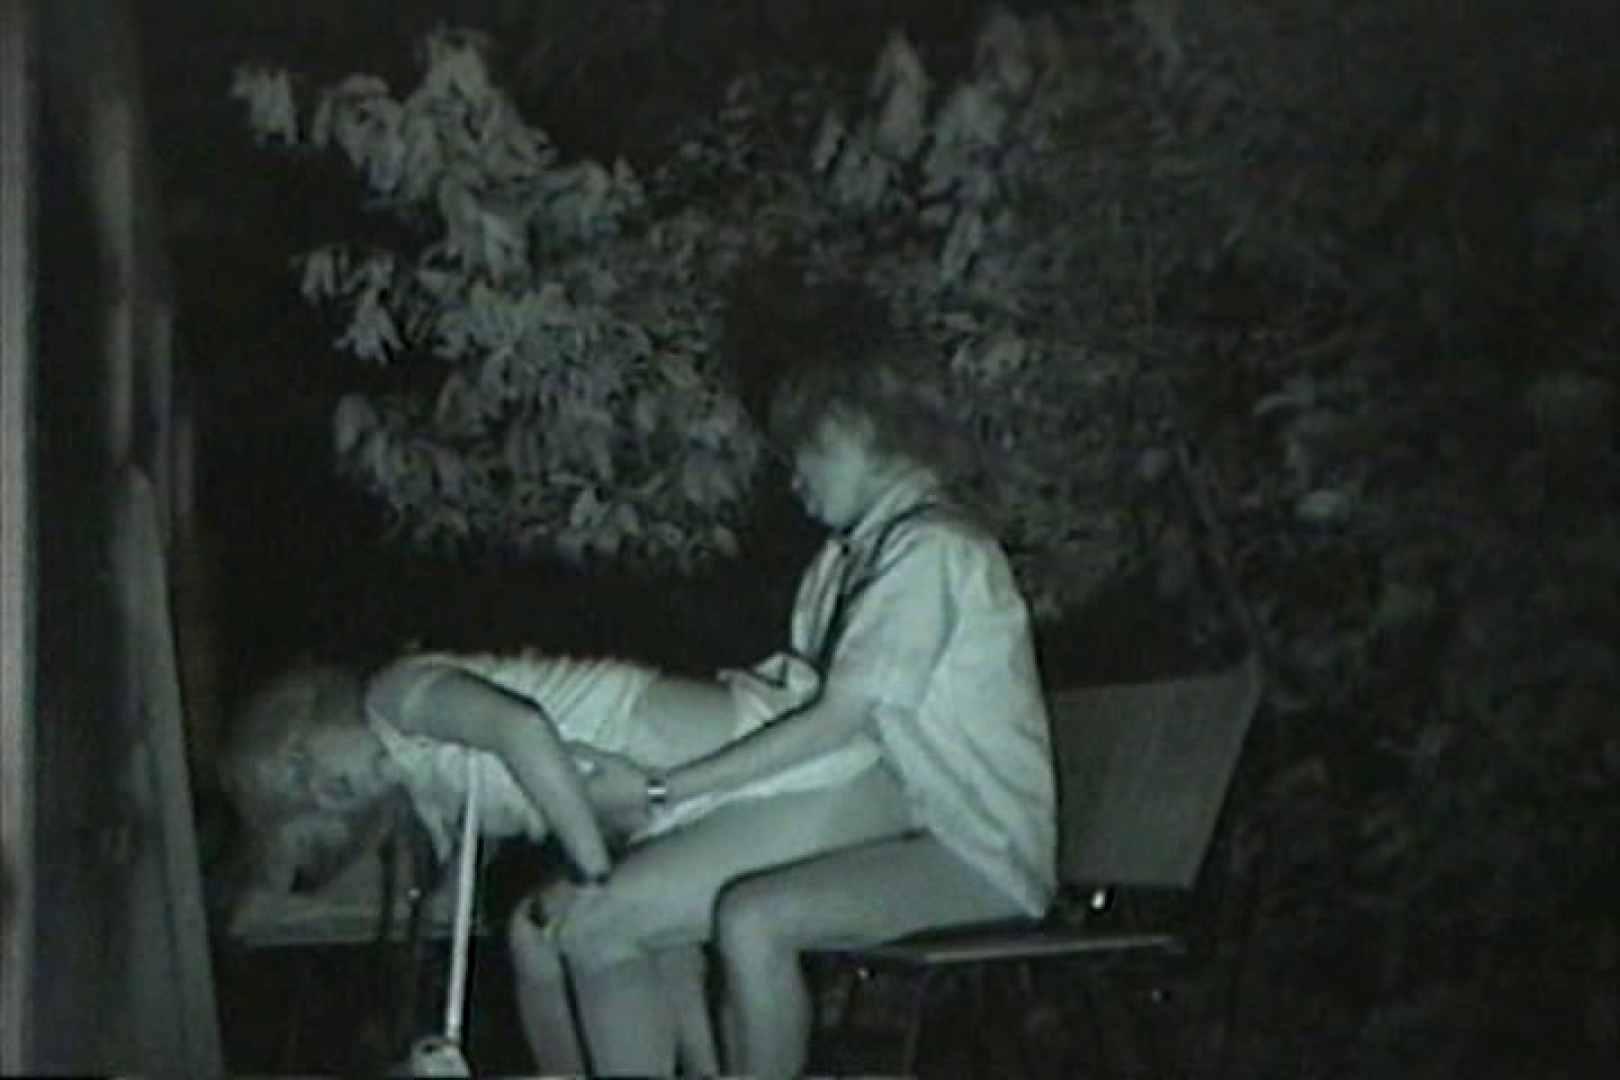 闇の仕掛け人 無修正版 Vol.24 エッチなセックス オメコ無修正動画無料 55画像 43